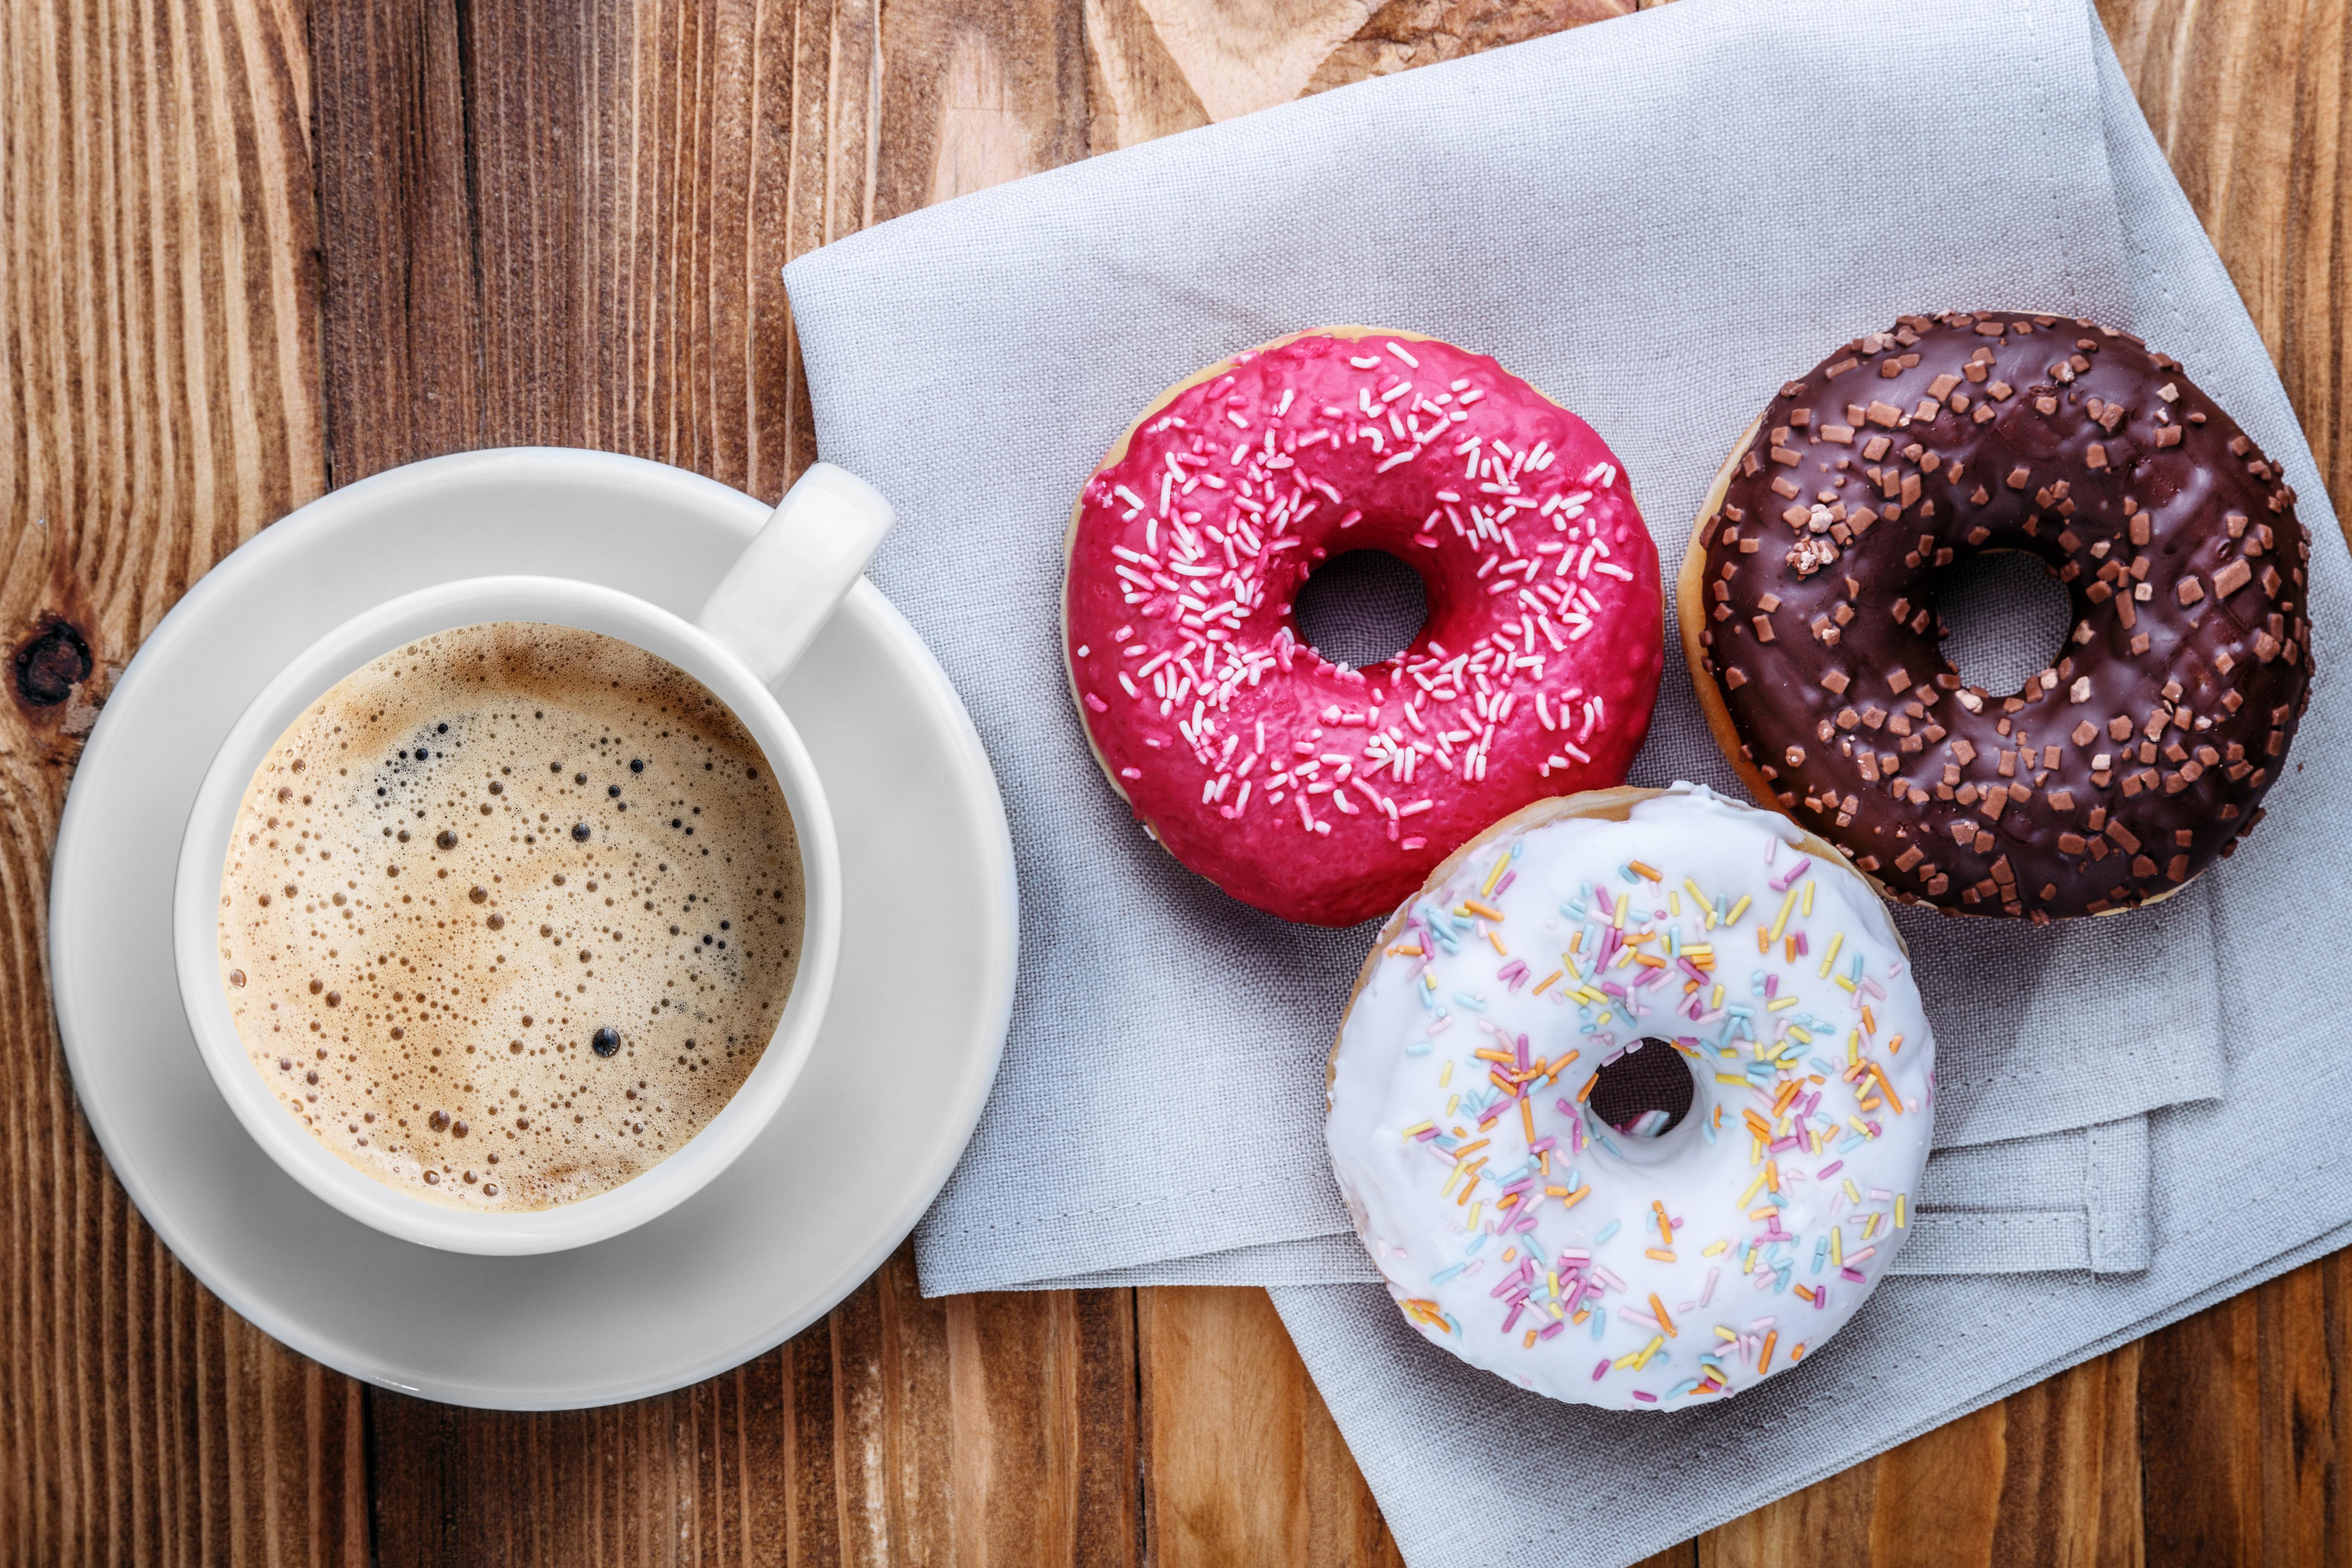 попробуем кофе еда картинки главных плюсов